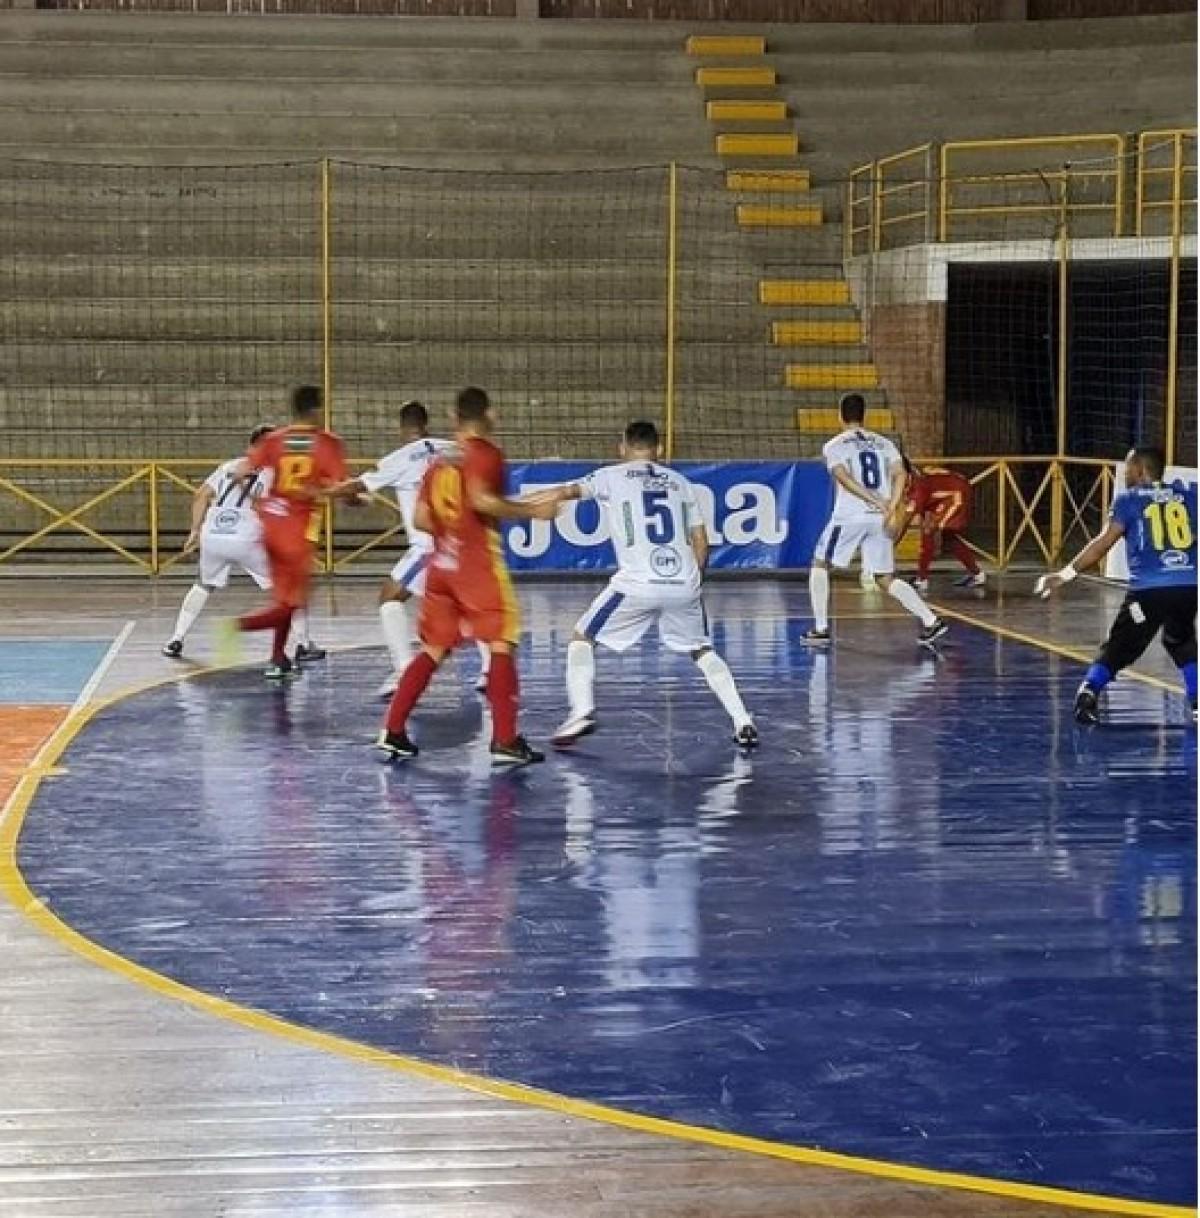 Competição masculina está prevista para começar no dia 03 de setembro (Foto: Ascom FSFS)